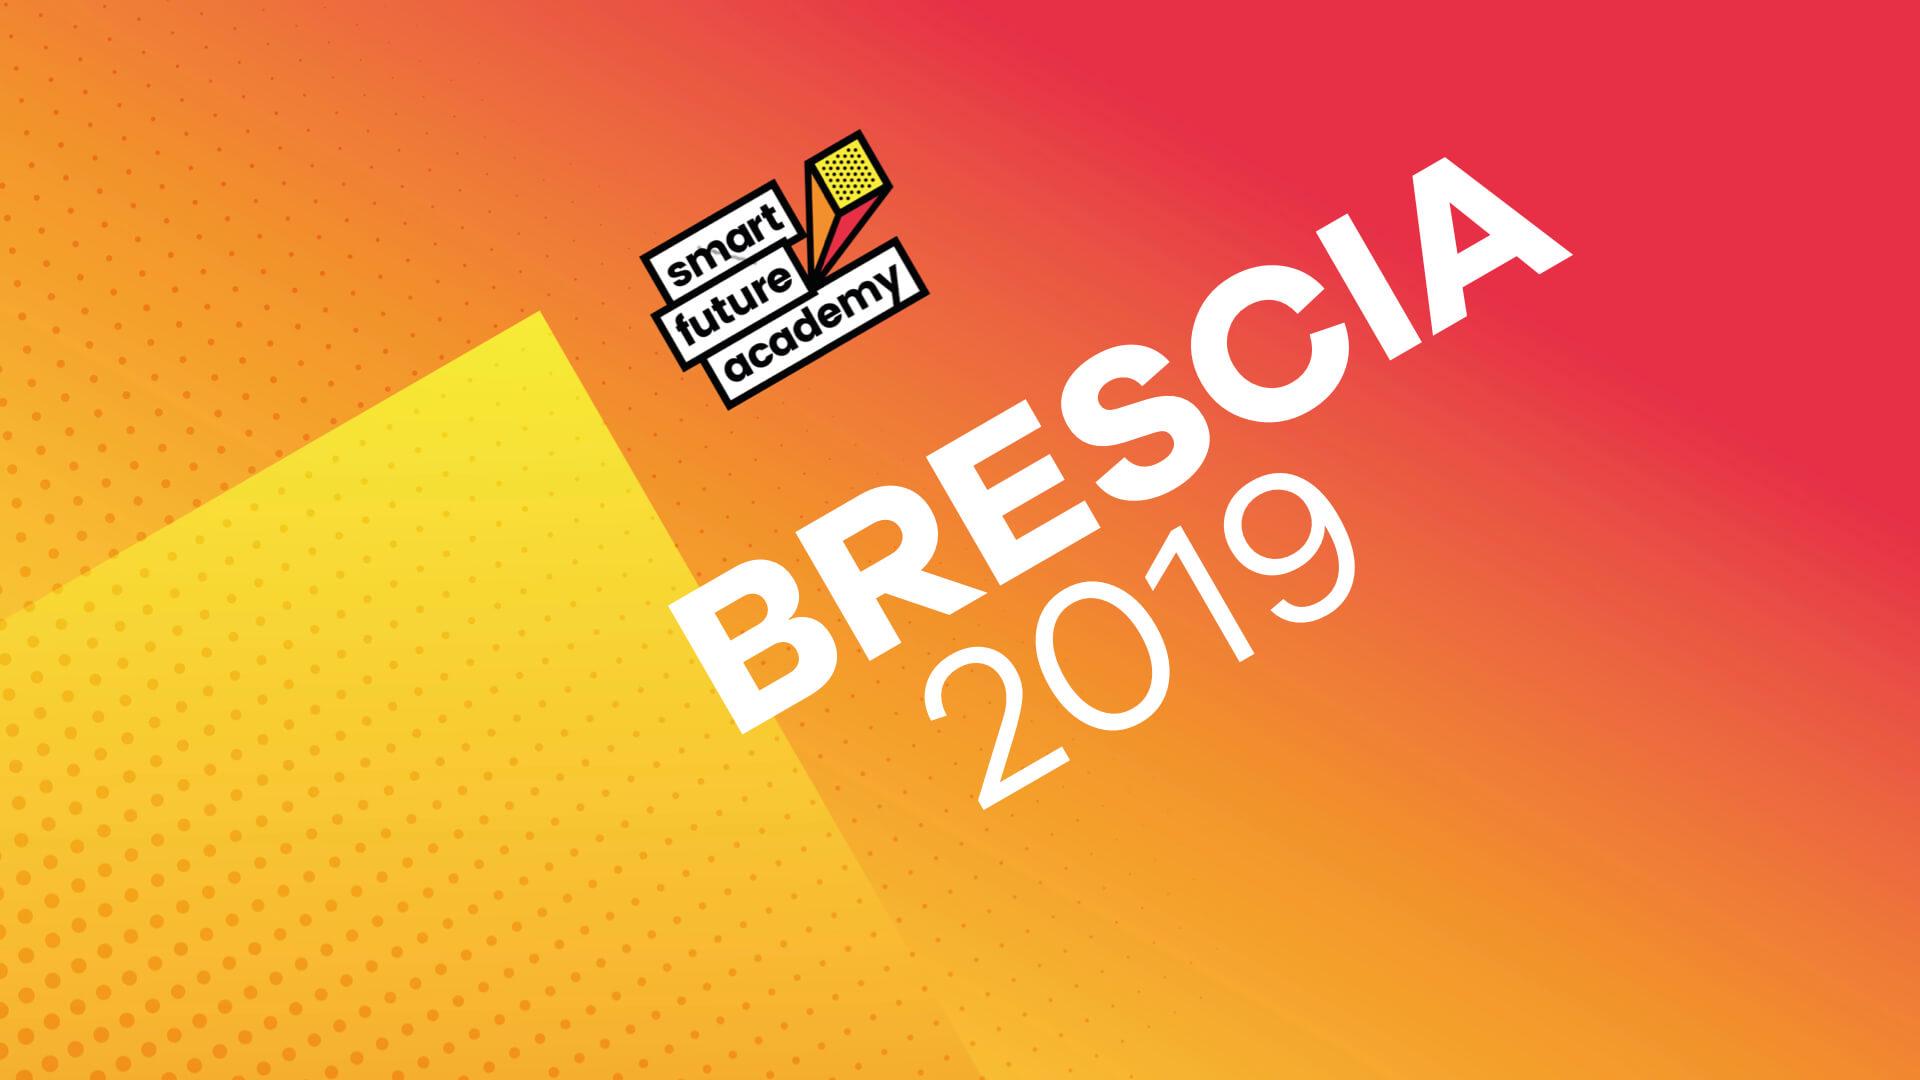 Brescia 2019